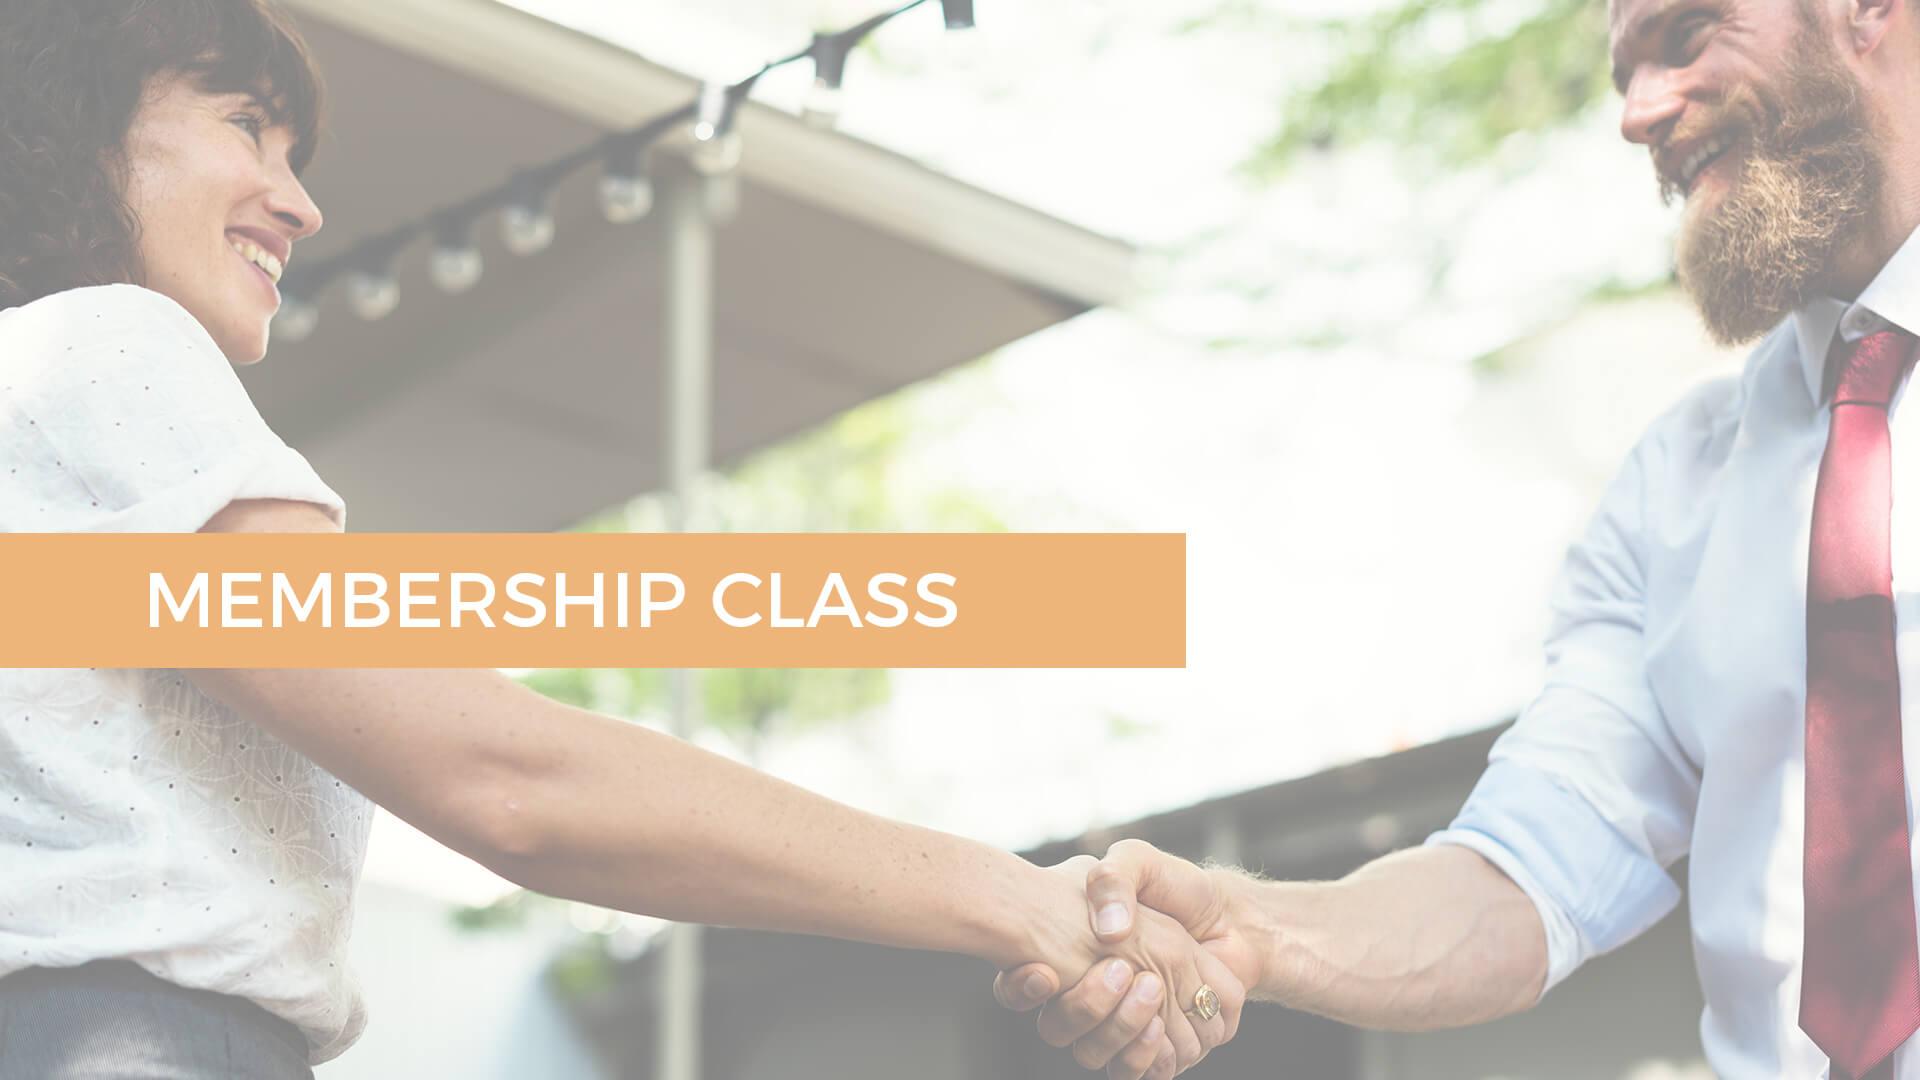 membershipclassgrace